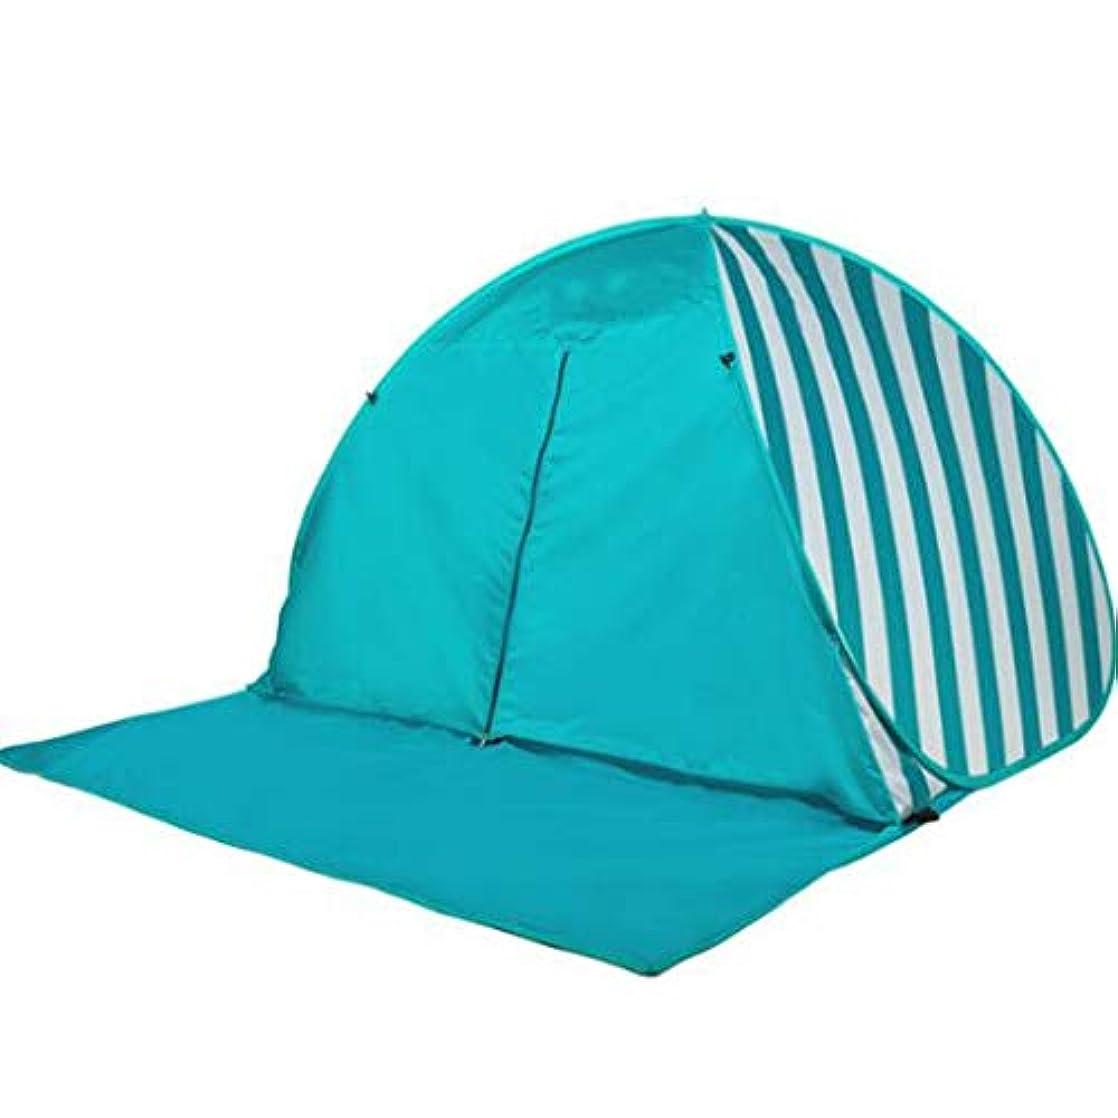 ターミナル敬意を表してペニービーチテント、日焼け止め、雨防止用の屋外自動テントスピードオープンフィールドキャンプツアー3?4人